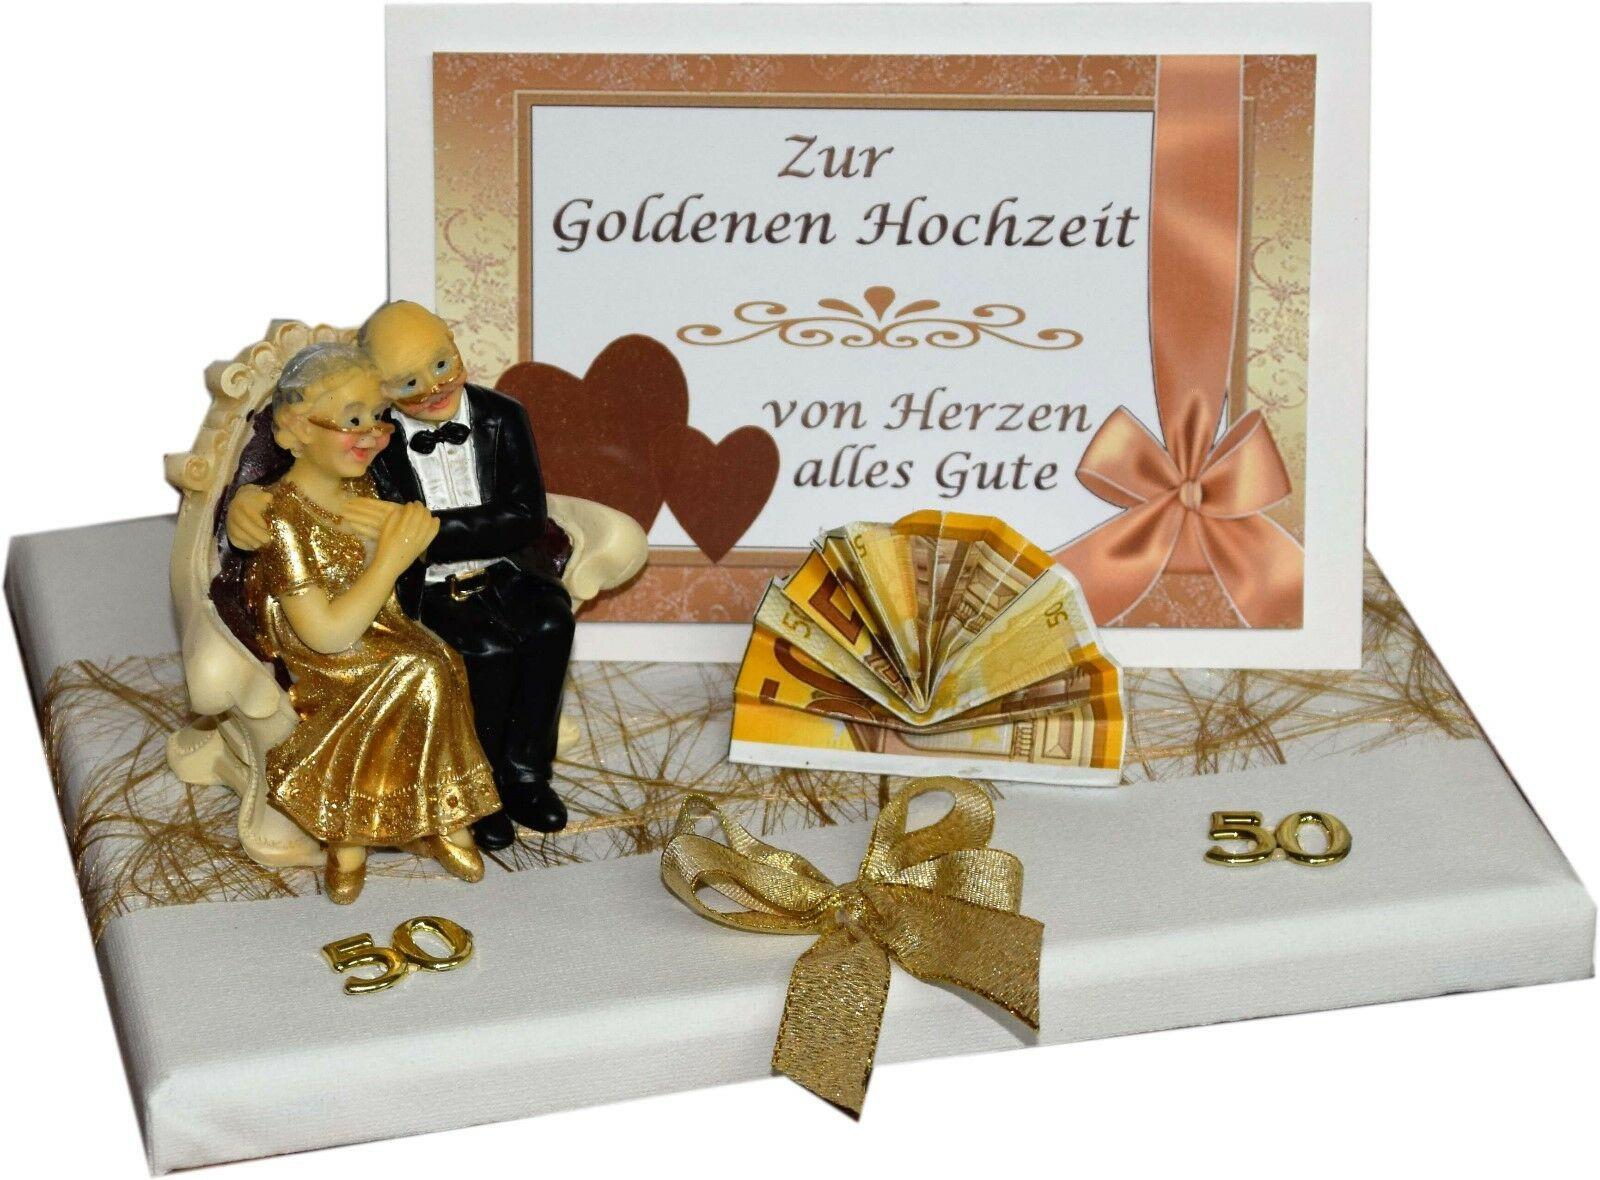 Geschenk Für Goldene Hochzeit  GESCHENK GELDGESCHENK ZUR GOLDENEN HOCHZEIT GOLDENE